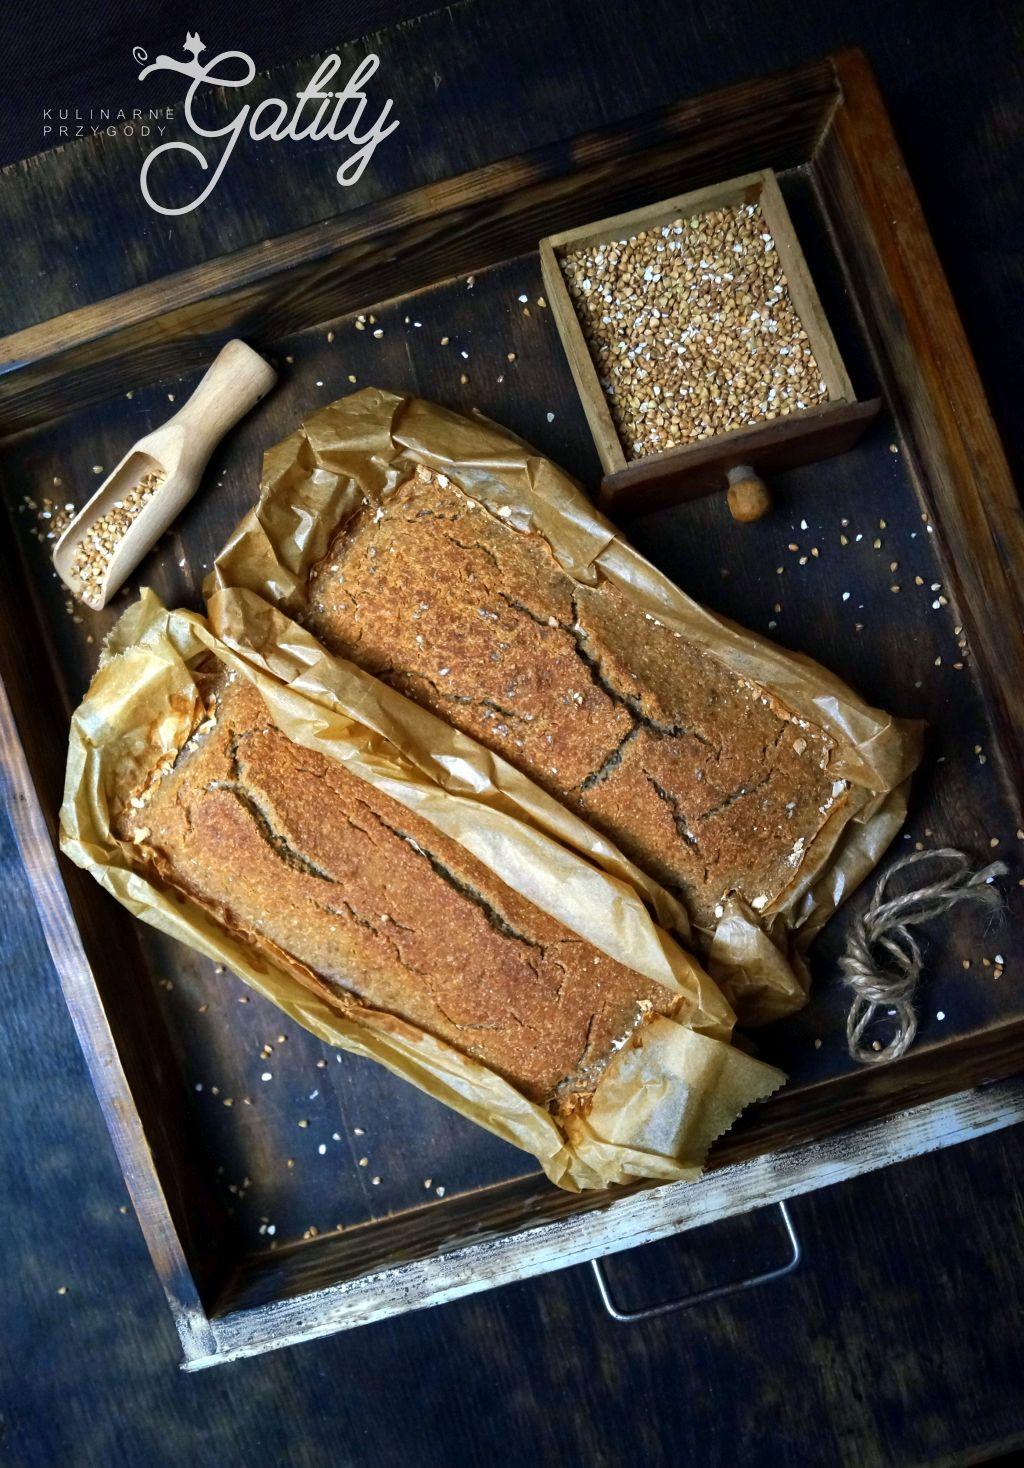 brazowy-chleb-widok-z-gory